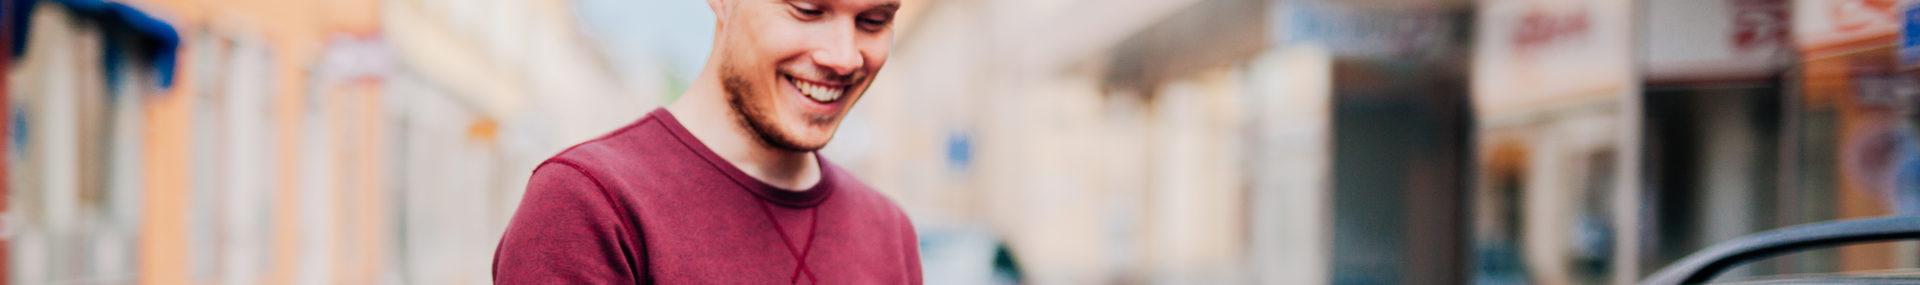 Ung man använder mobiltelefonen för att parkera i Falun